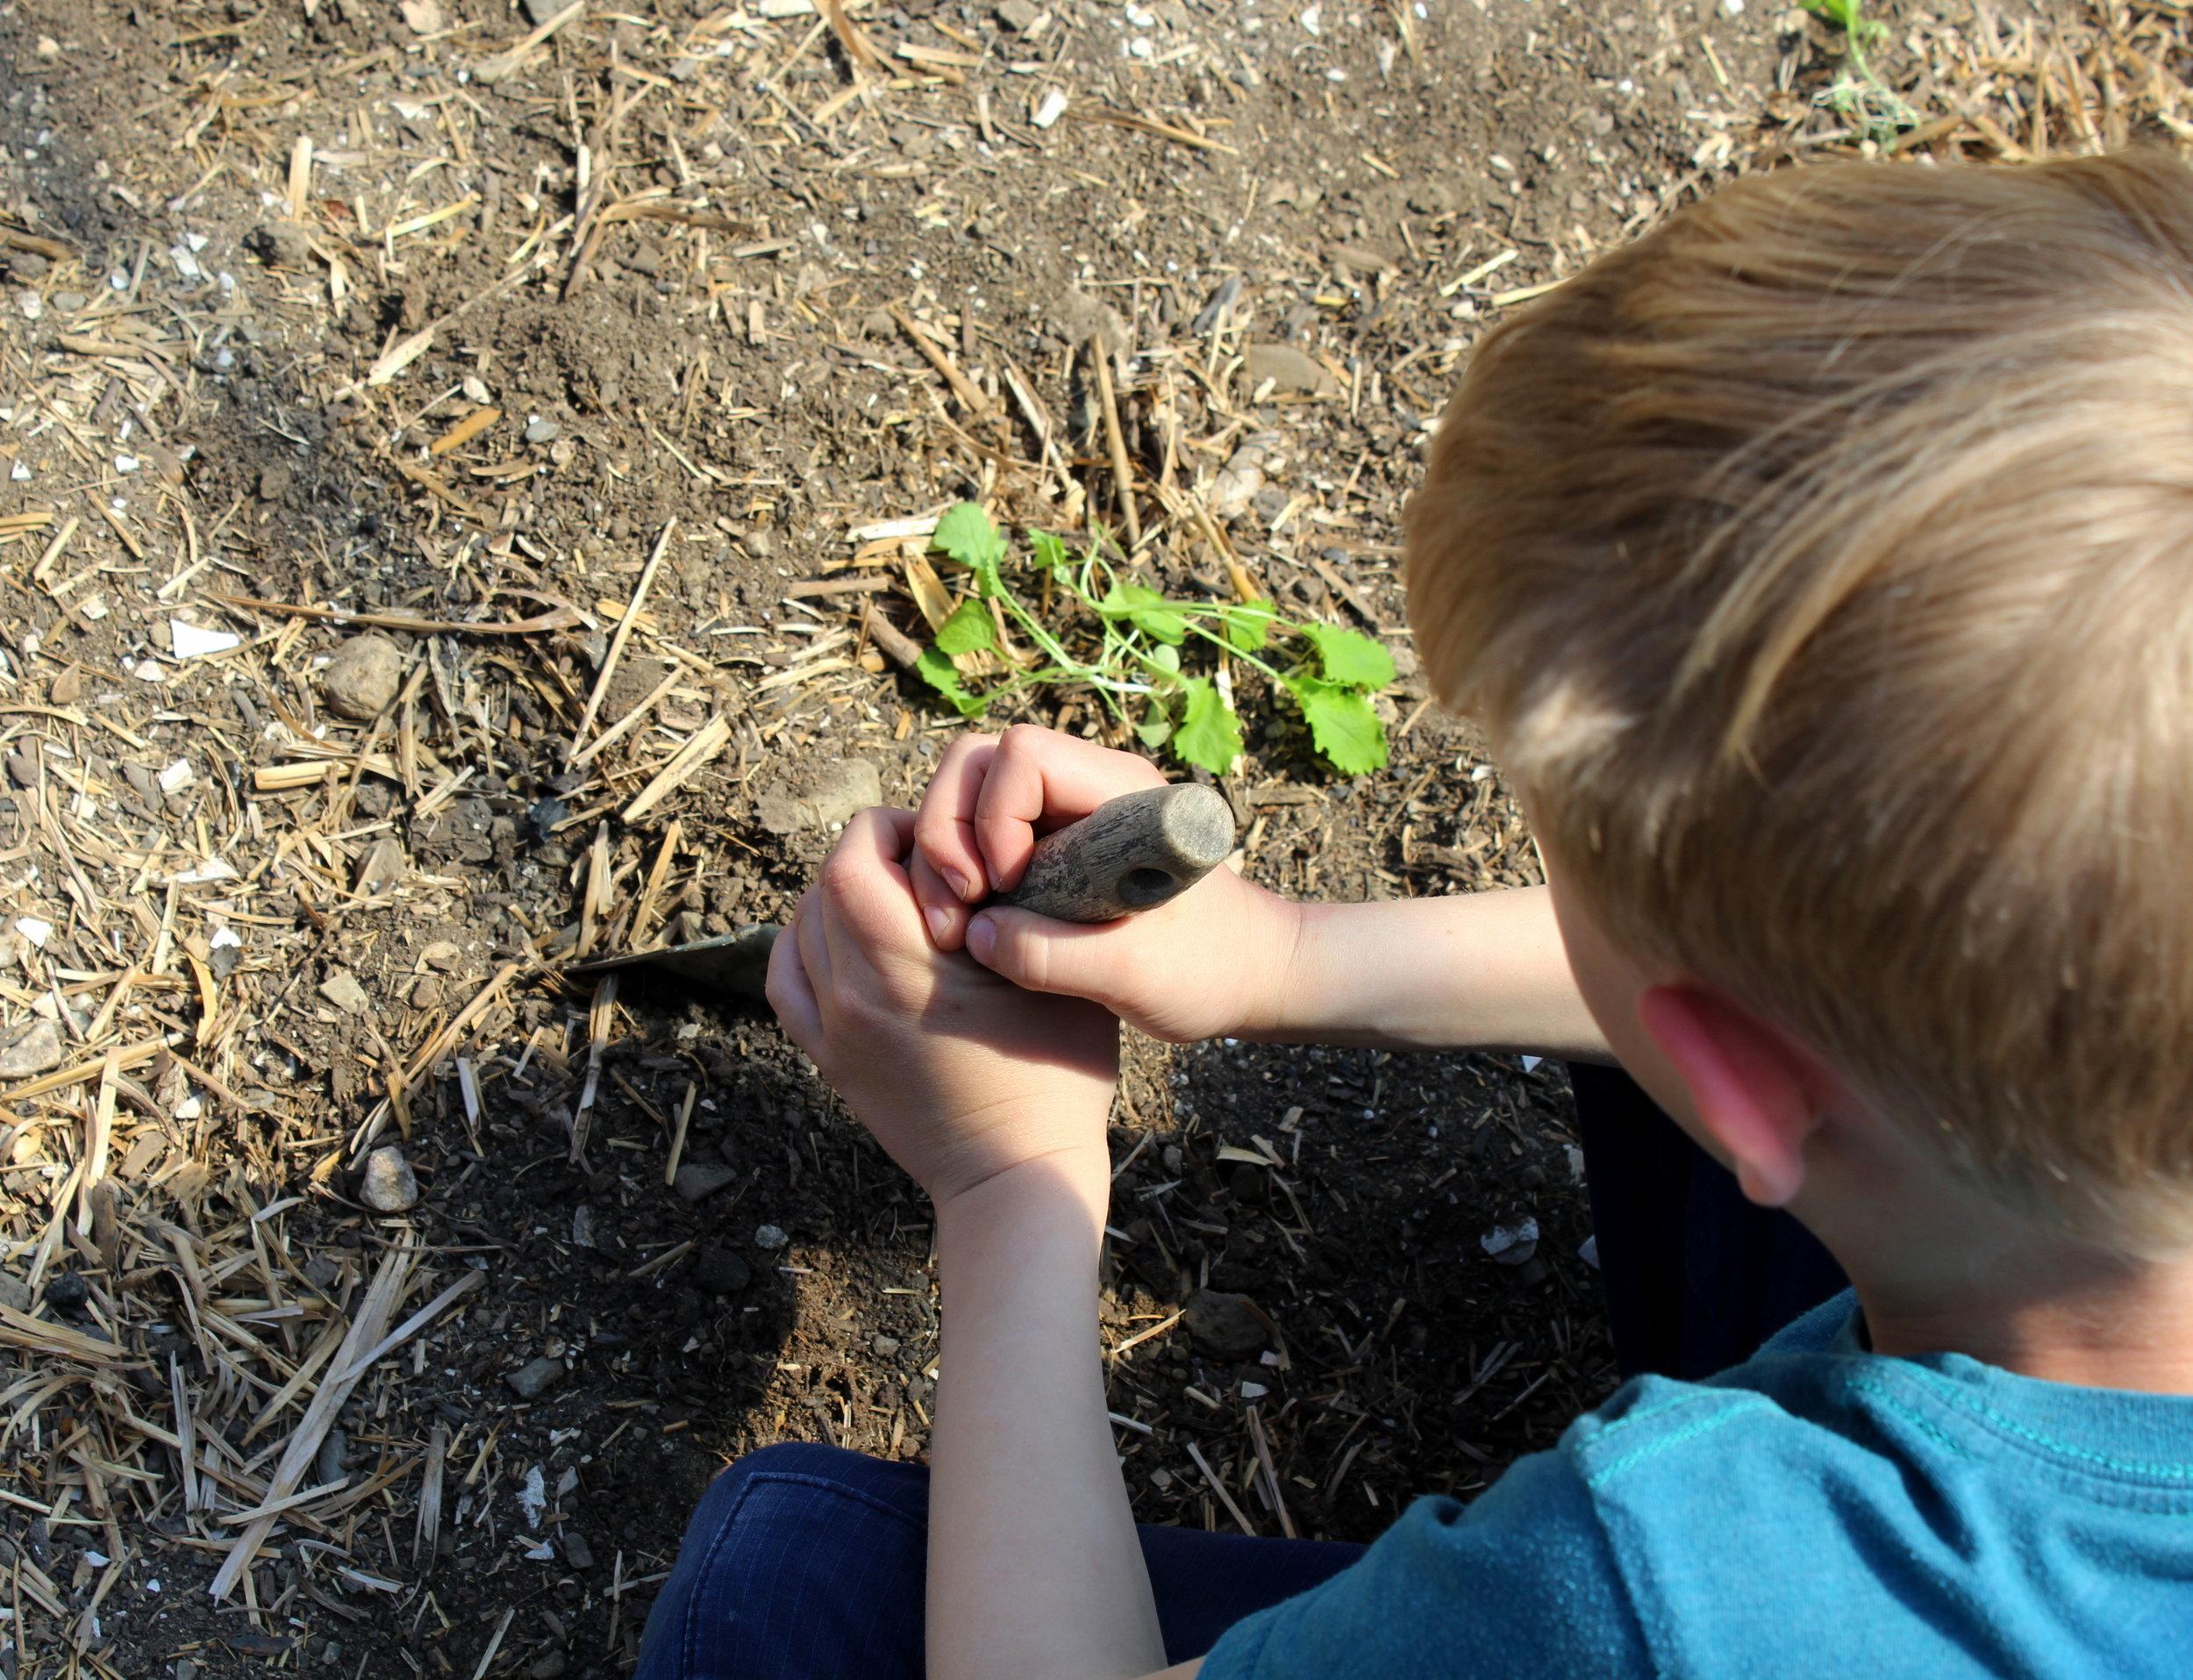 4-18-17 april vaca camp hoop house planting.JPG